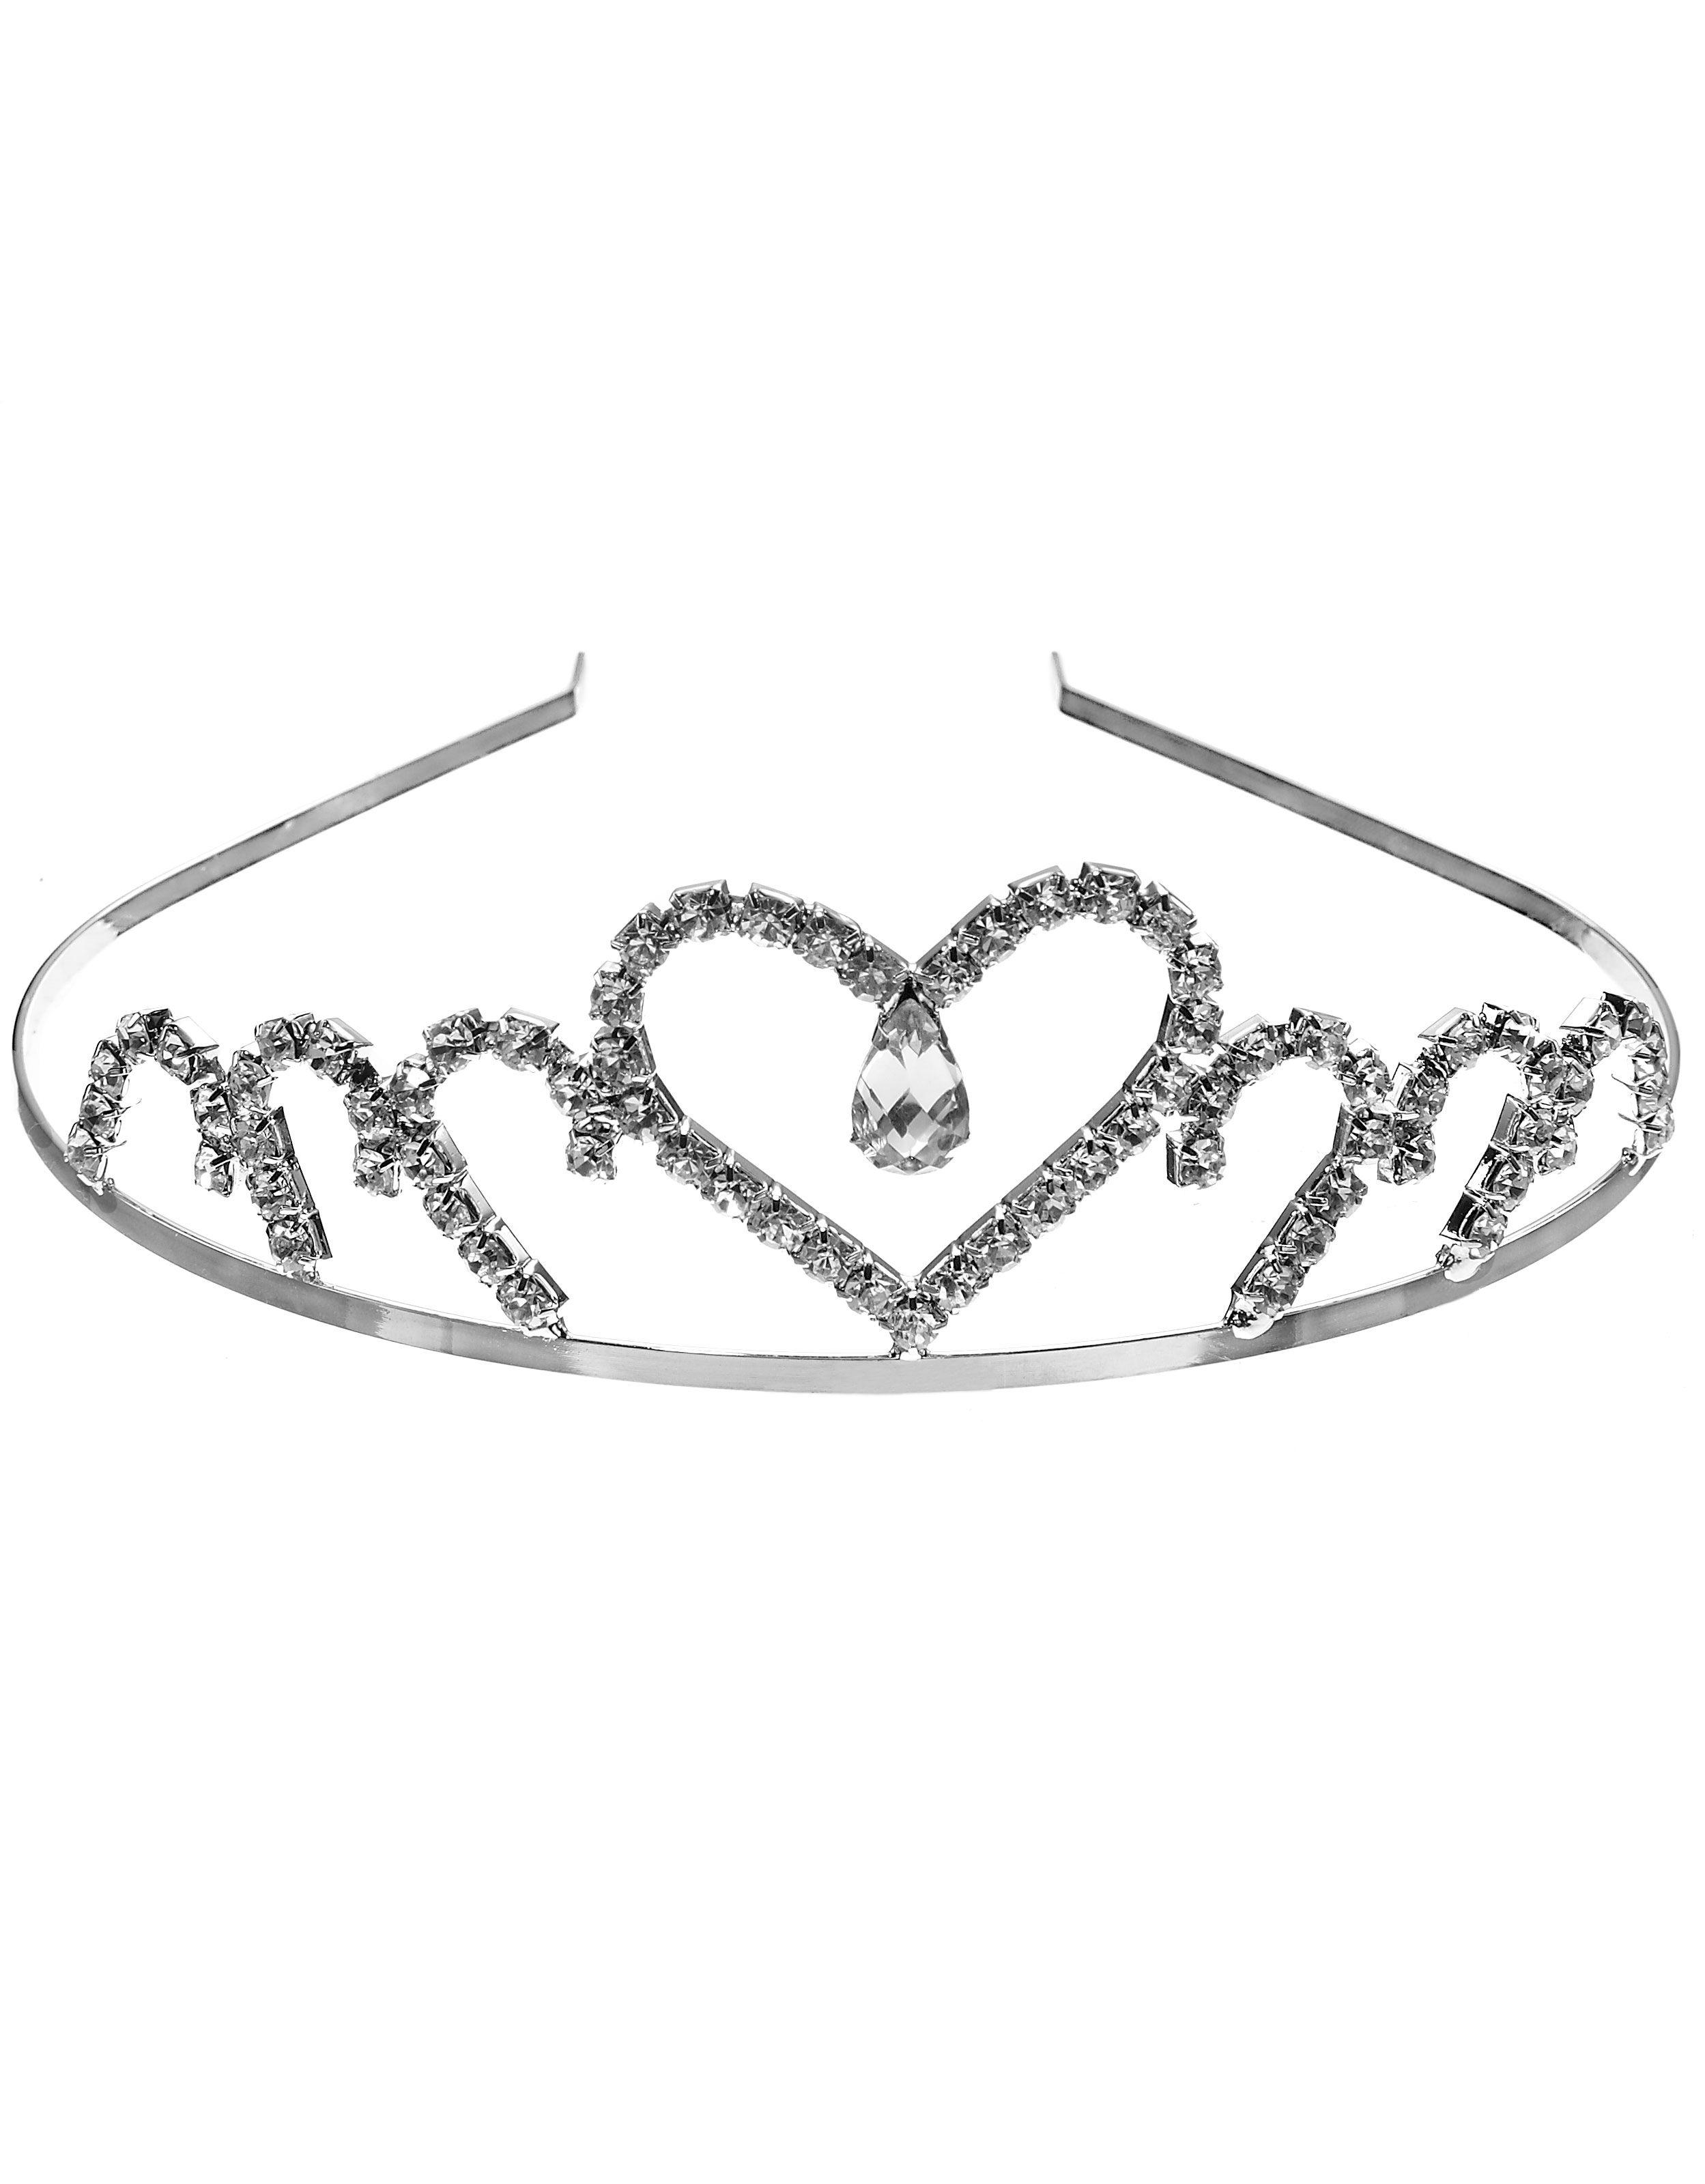 Gorgeous heart tiara